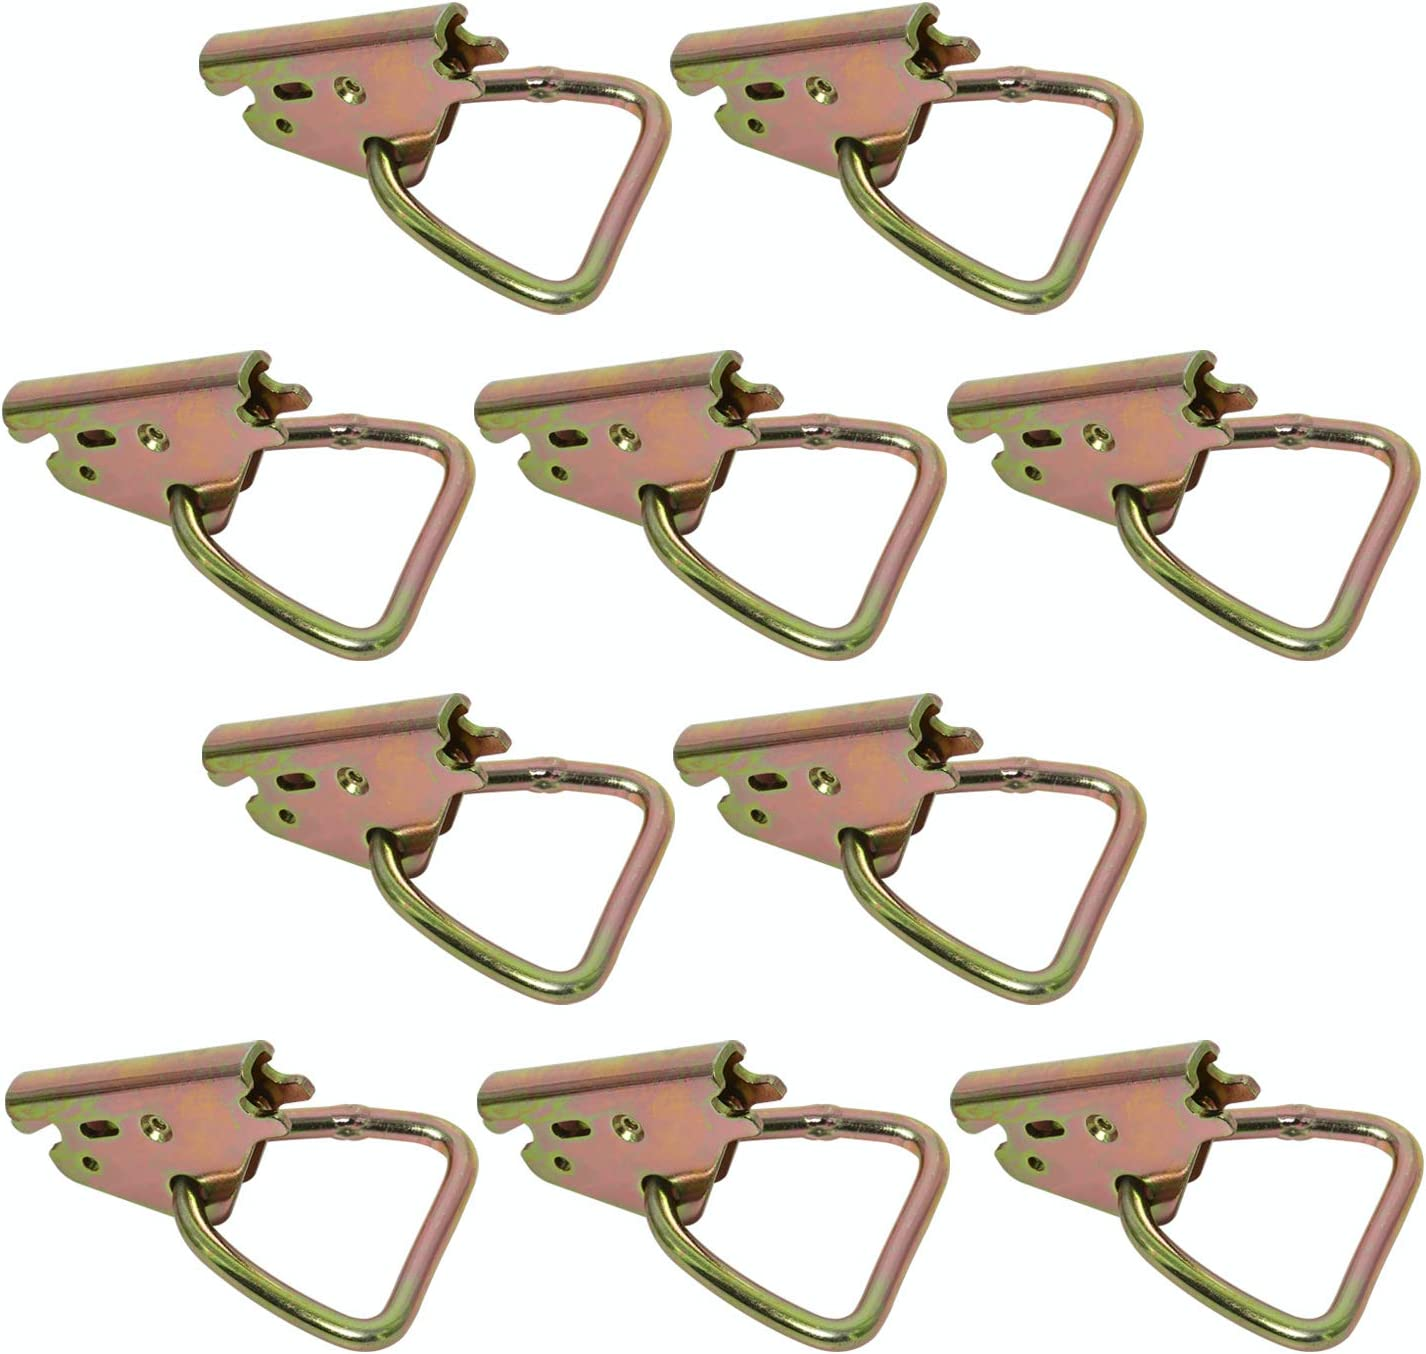 Delphi TA5649 Steering Tie Rod End